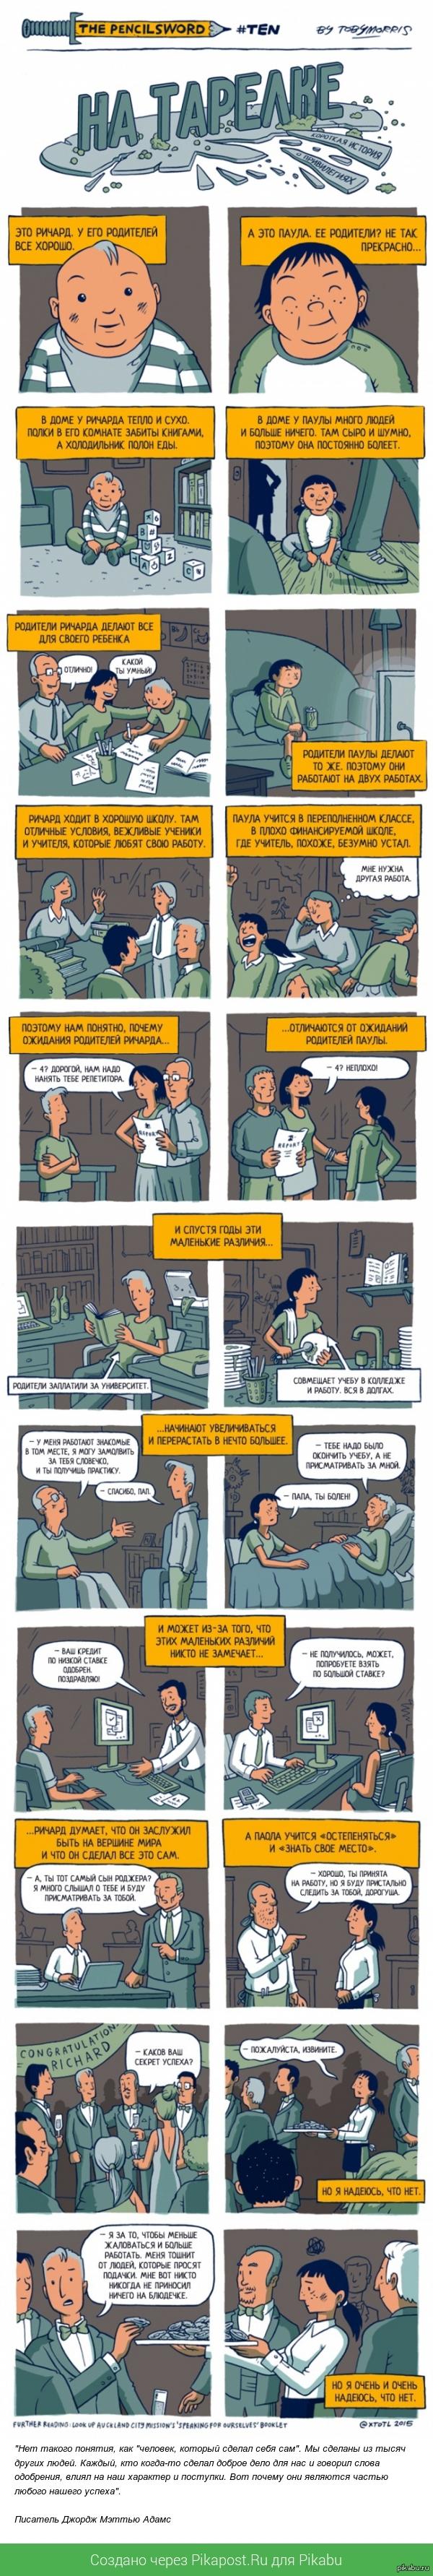 Вот о чем стоит помнить, прежде чем судить окружающих Австралийский иллюстратор Тоби Моррис создал комикс, который напоминает нам, что не каждый человек в этой жизни имеет те же возможности, что и мы.